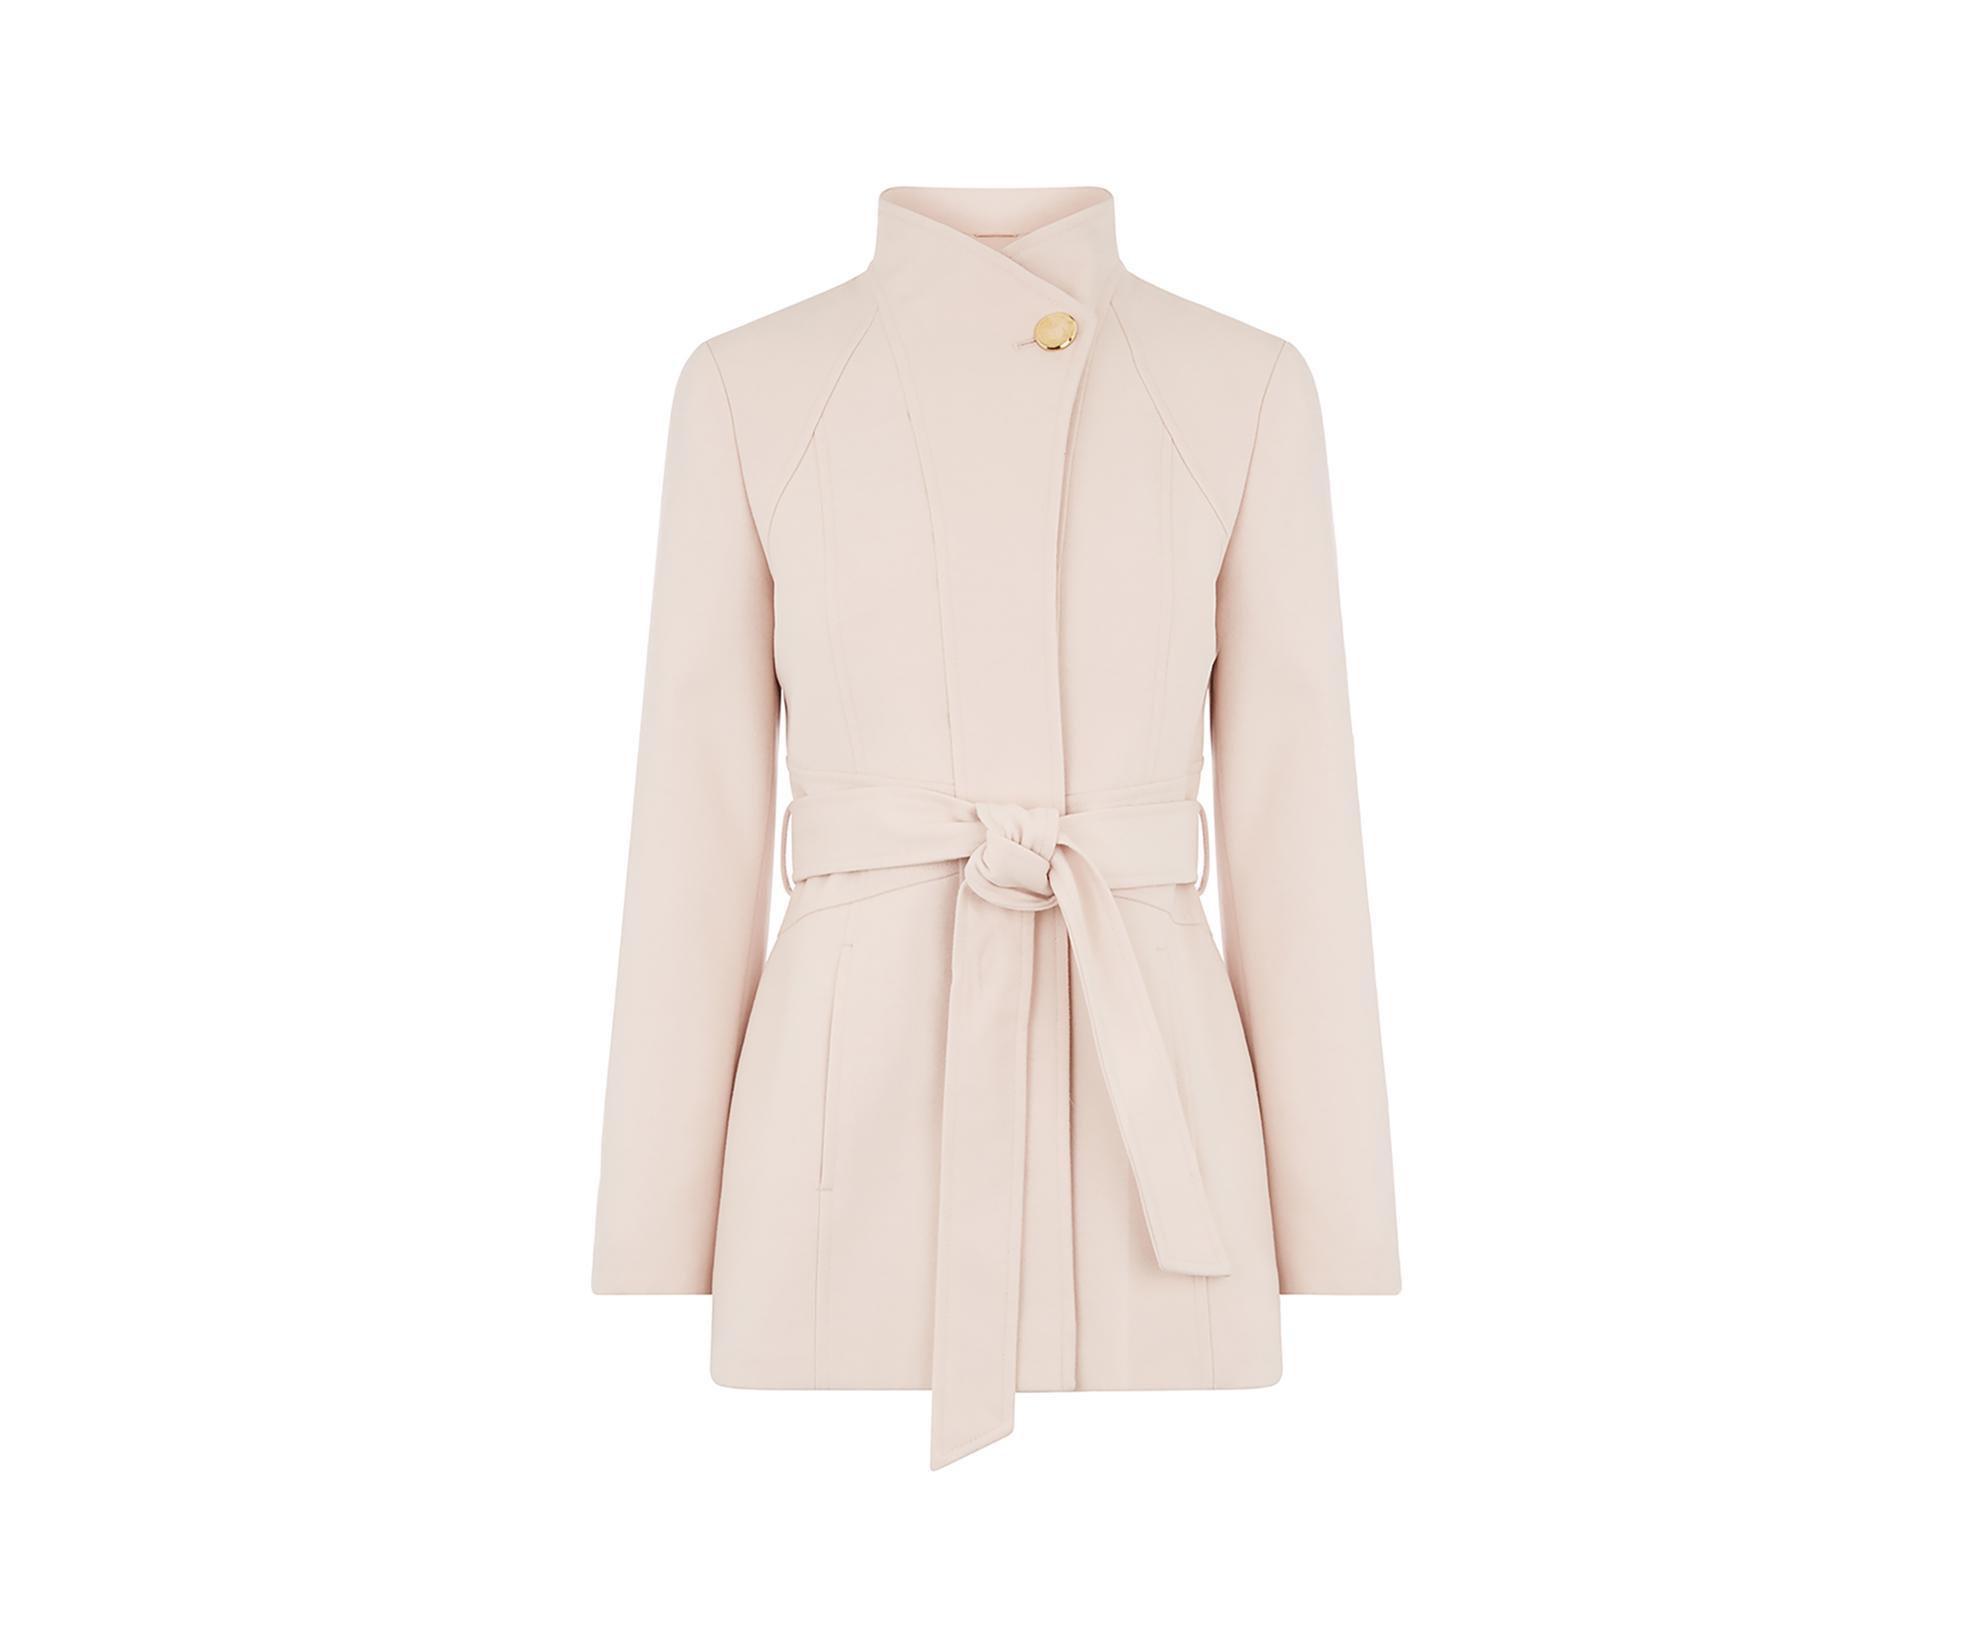 b56d0ba17ba5 Oasis Hazel Panel Fitted Coat in Pink - Lyst